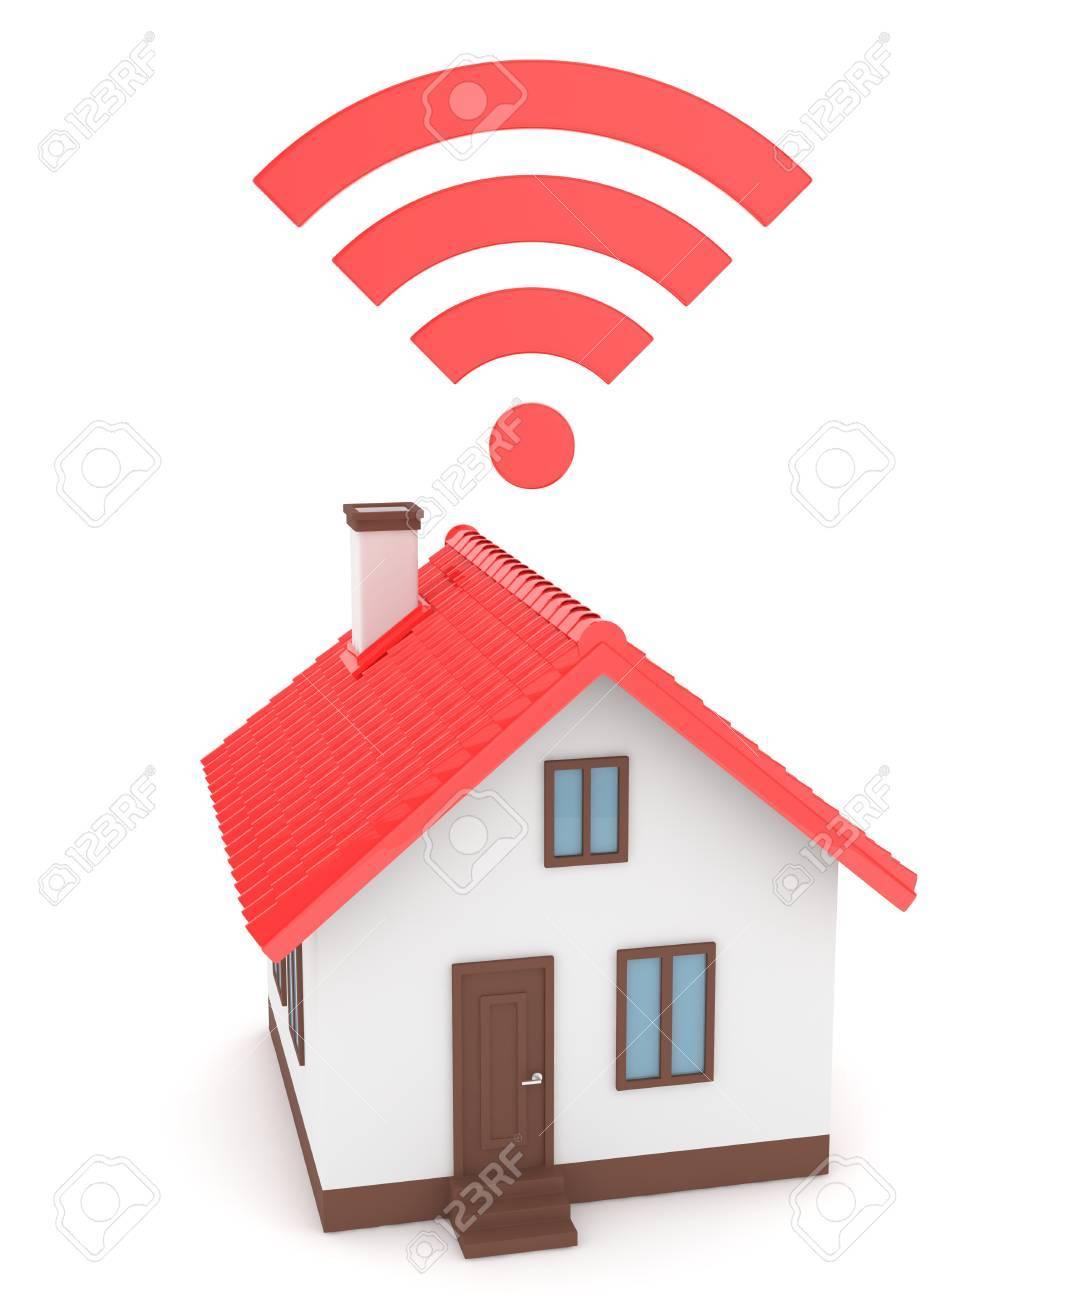 Banque d images - Maison de Wifi sur fond blanc. La technologie sans fil.  Internet, téléphone et signal radio. Réseau. rendu 3D 0f47cdf1e436